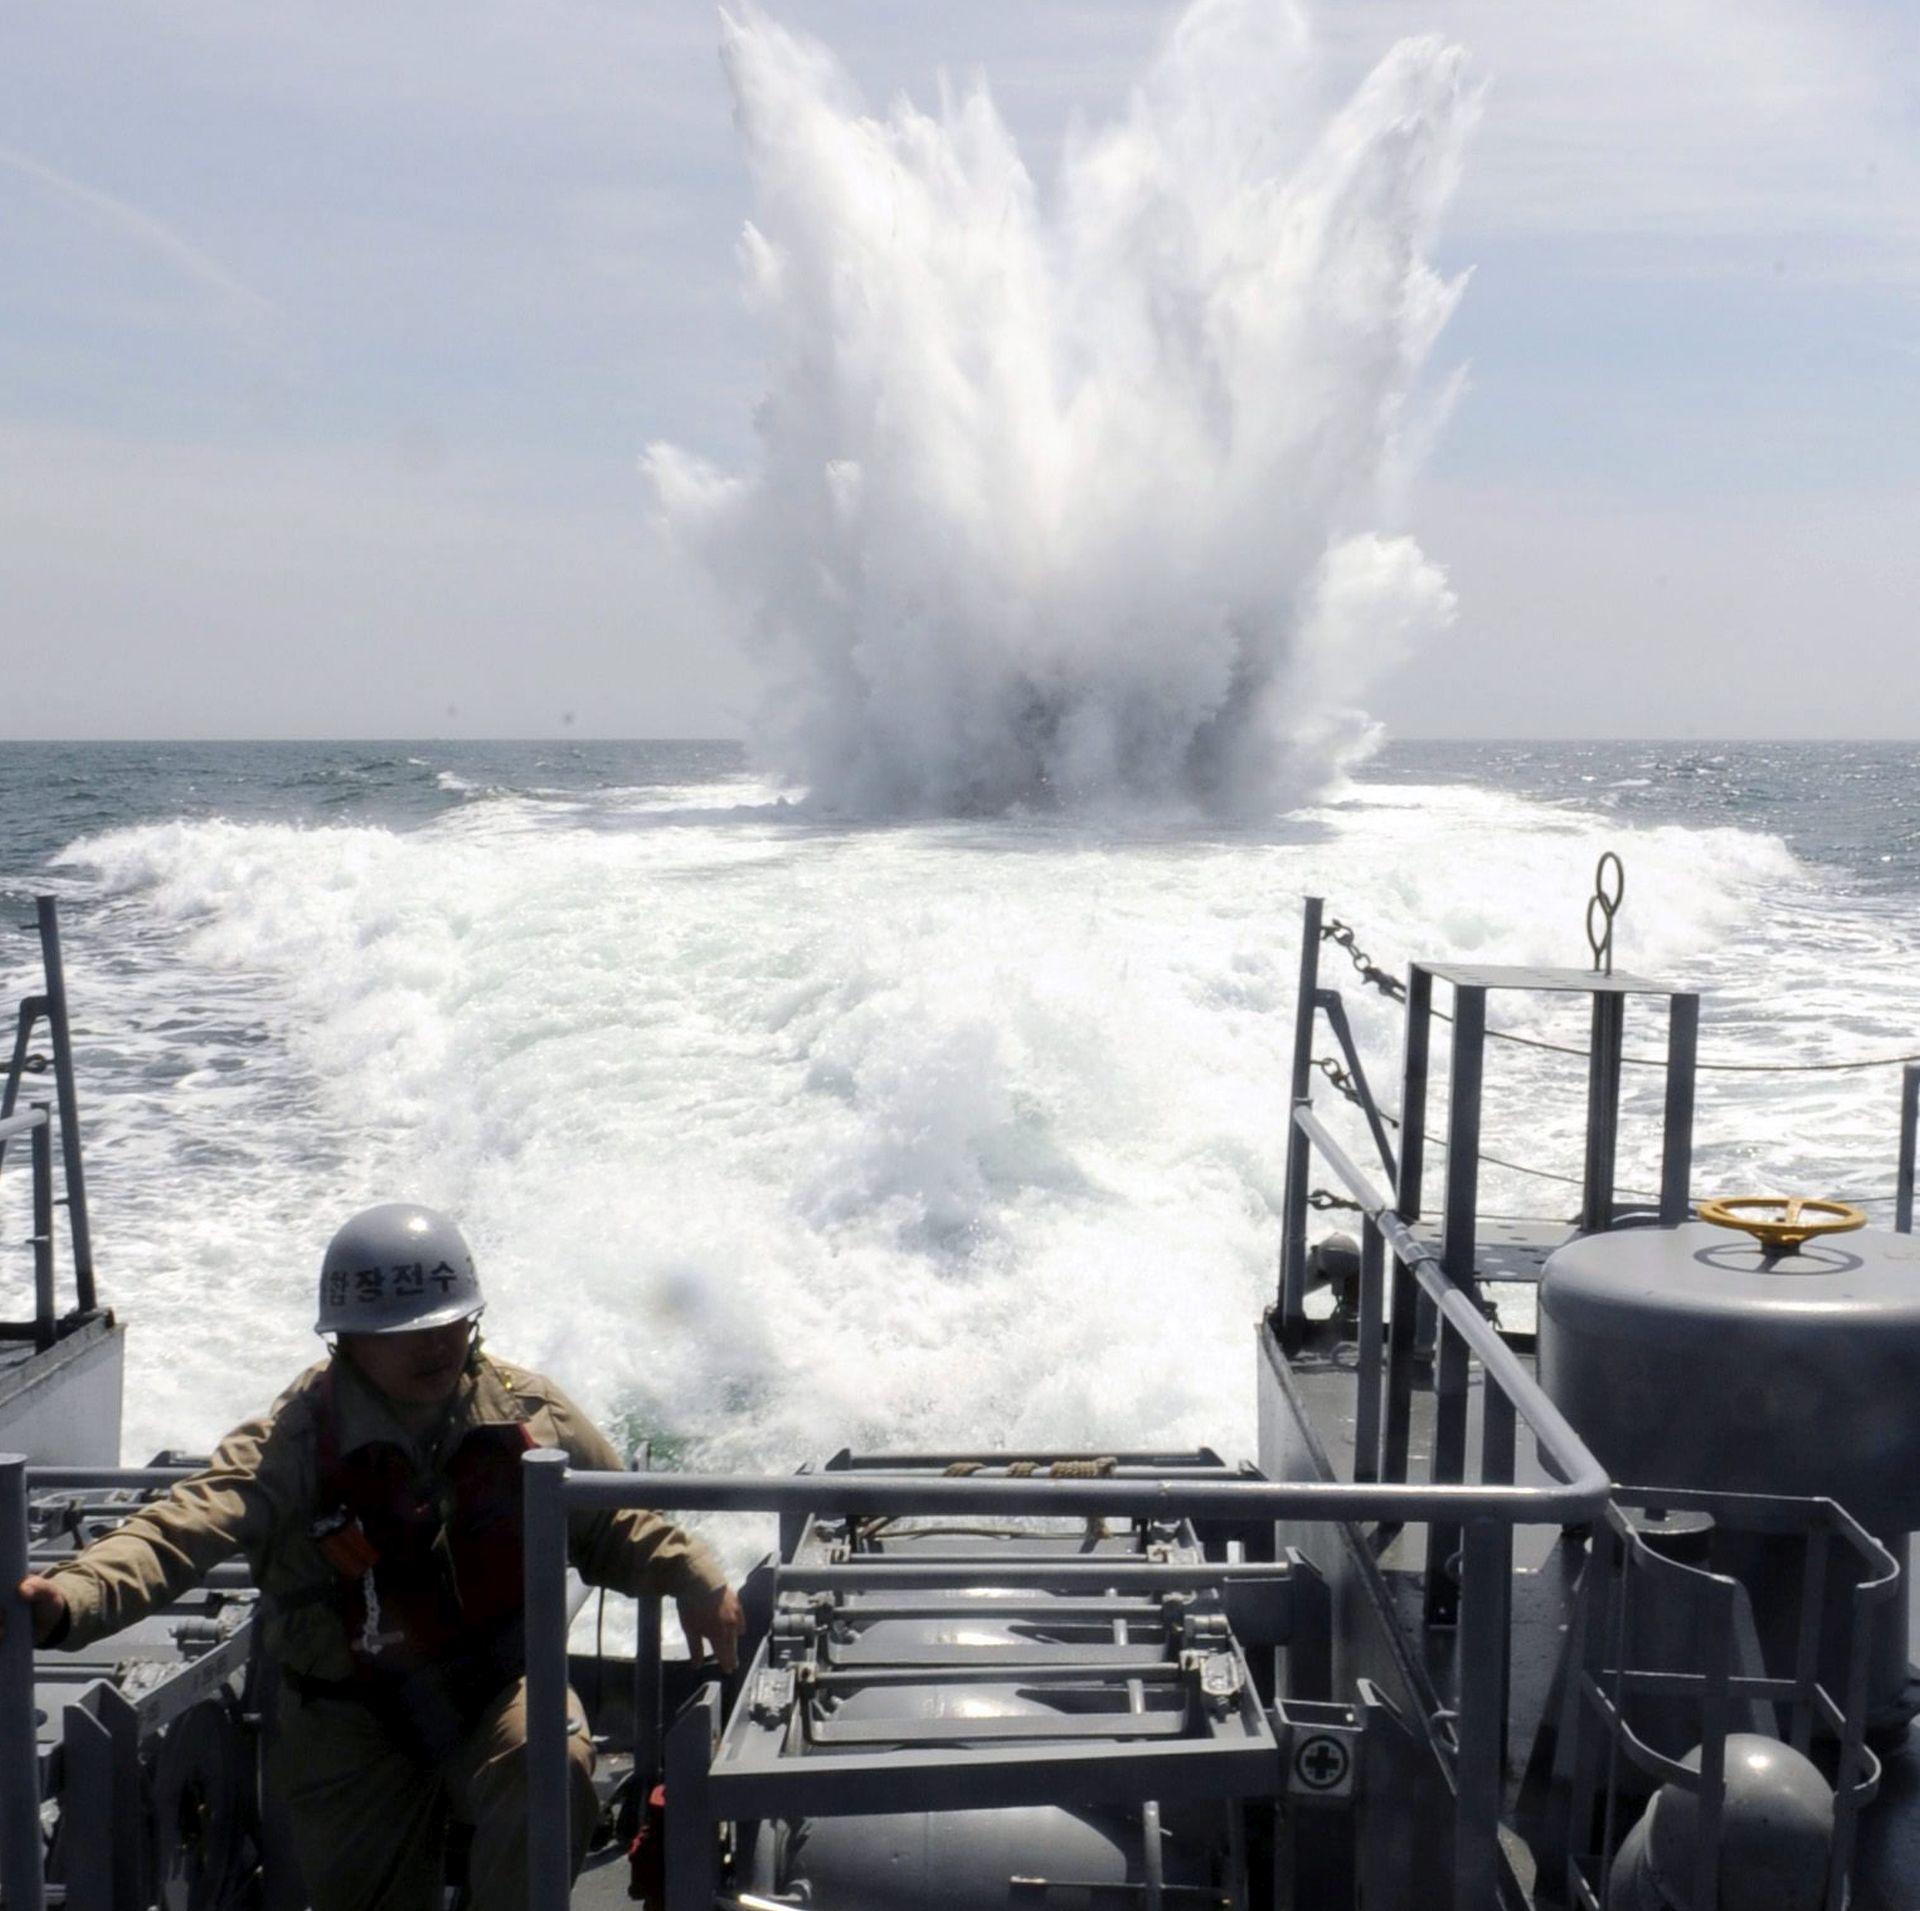 Seul i Washington počeli manevre, Pjongjang prijeti nuklearnim udarom